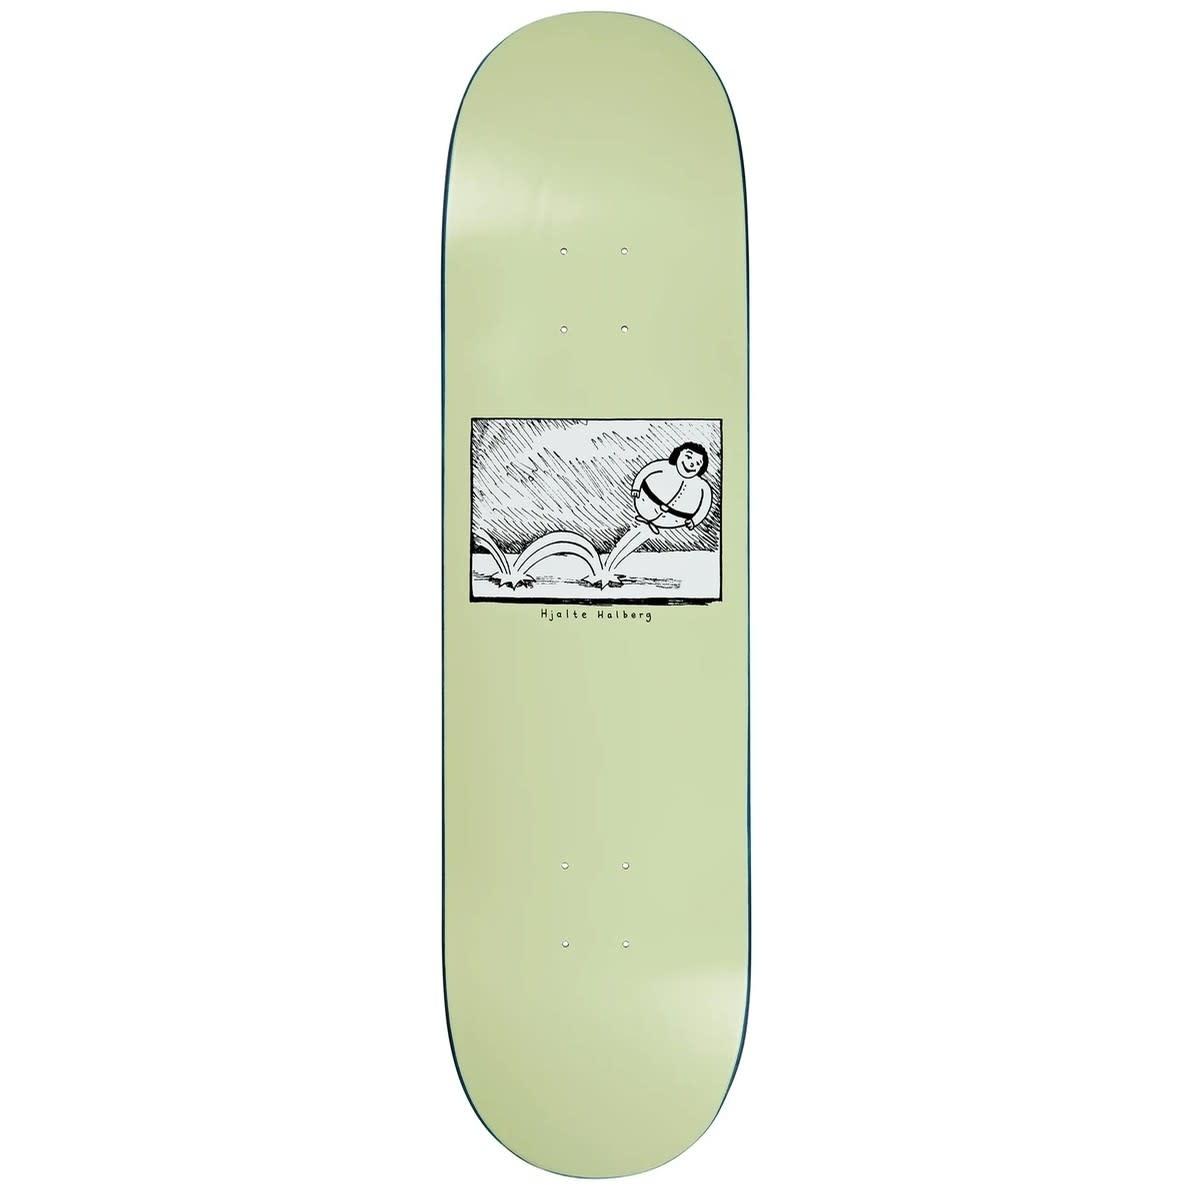 Polar Skate Co. Hjalte Bounce 8.25 Light Green